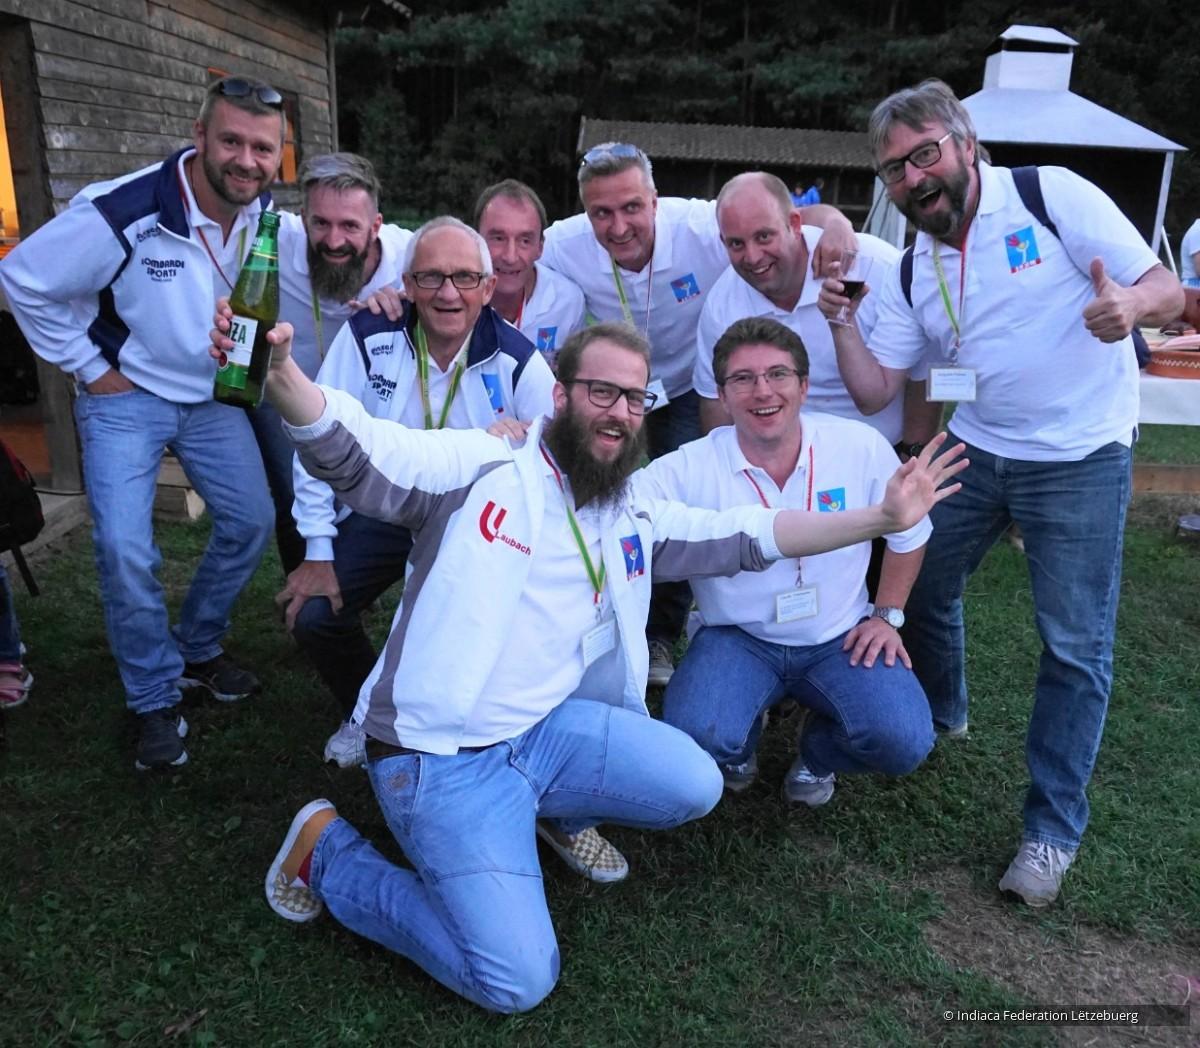 RÉCKBLÉCK OB D'WELTMEESCHTERSCHAFT 2017